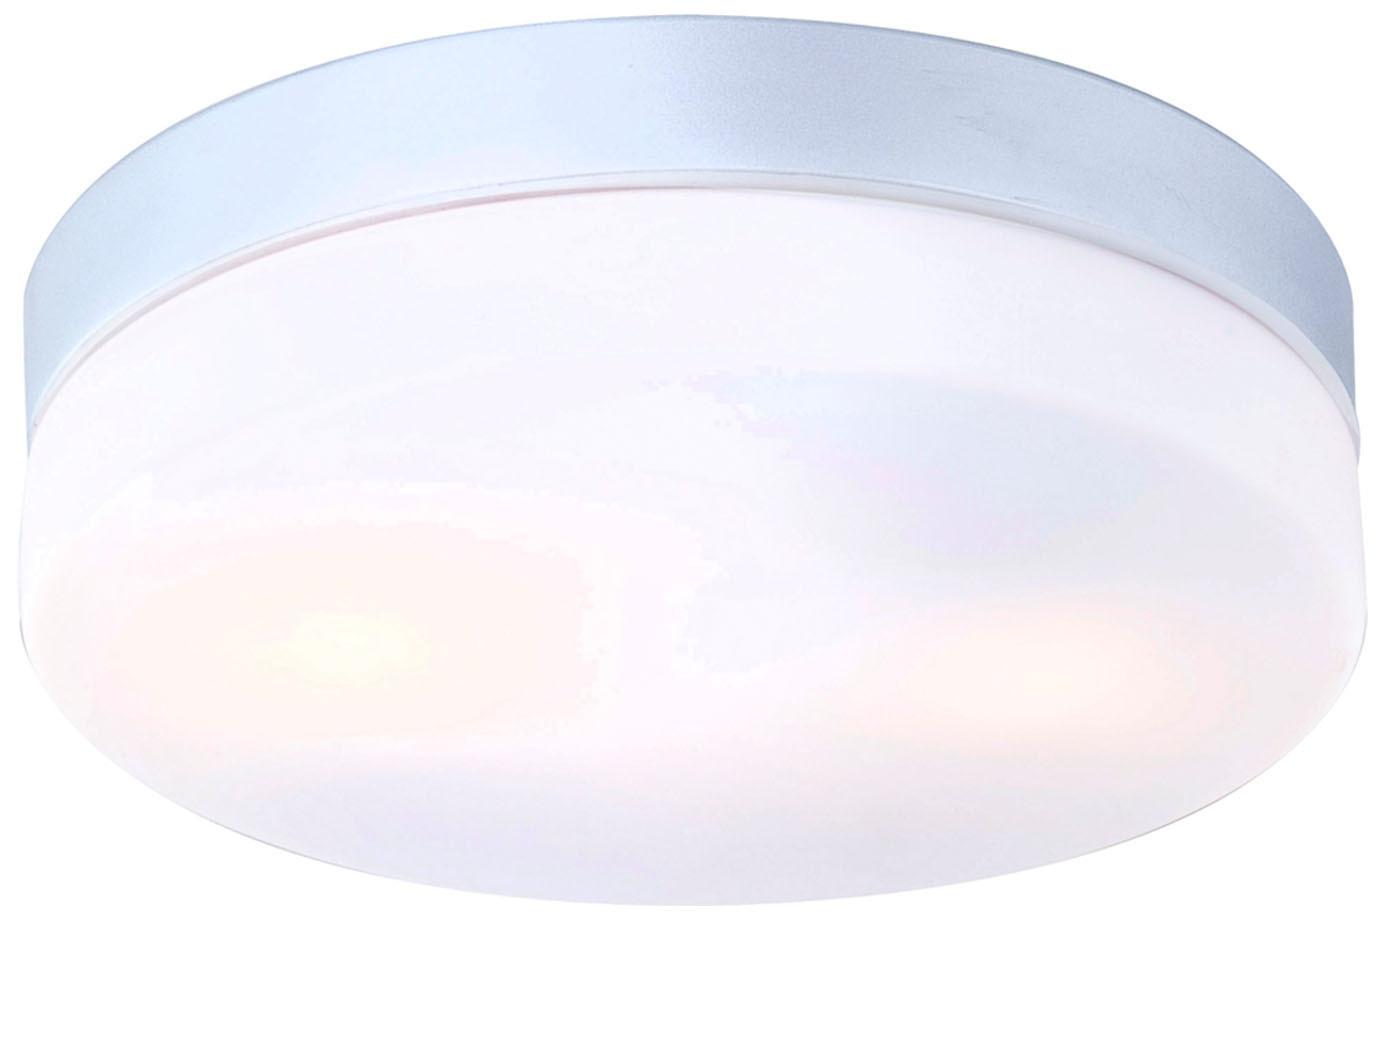 Liebenswert Led Lampen Deckenleuchte Dekoration Von Das Bild Wird Geladen Globo-badezimmmer-deckenleuchte-vranos-24cm-inkl-led- Lampe-